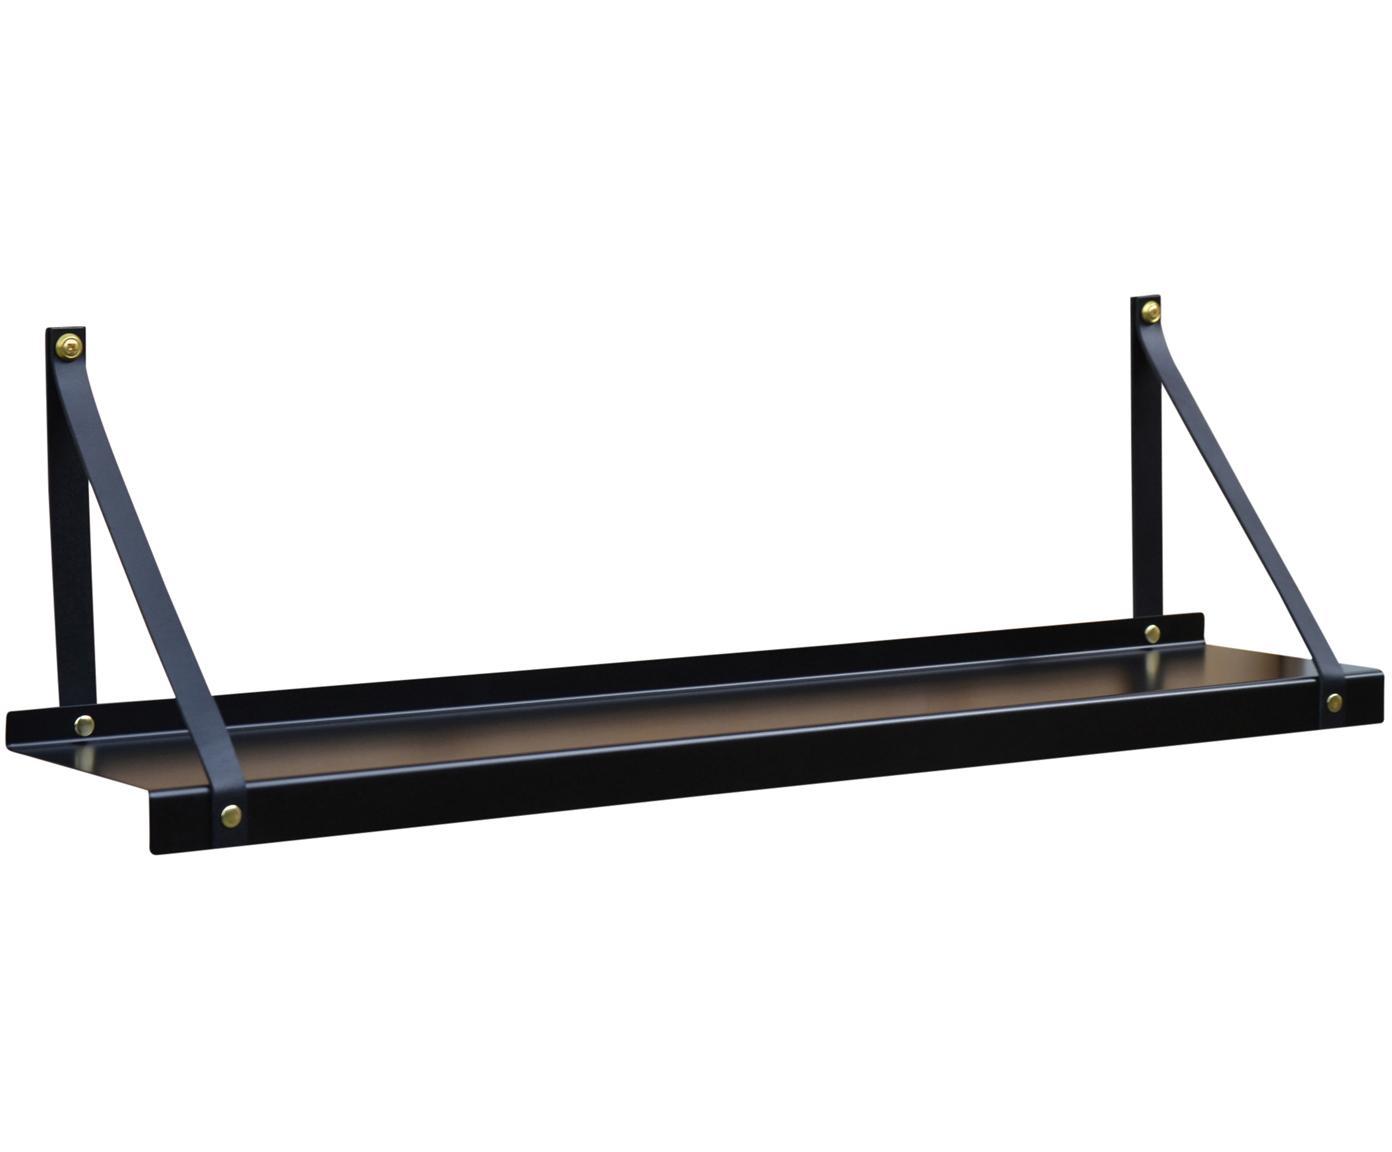 Wandplank Shelfie, Plank: gepoedercoat metaal, Riemen: leer, Zwart, B 75 x D 15 cm